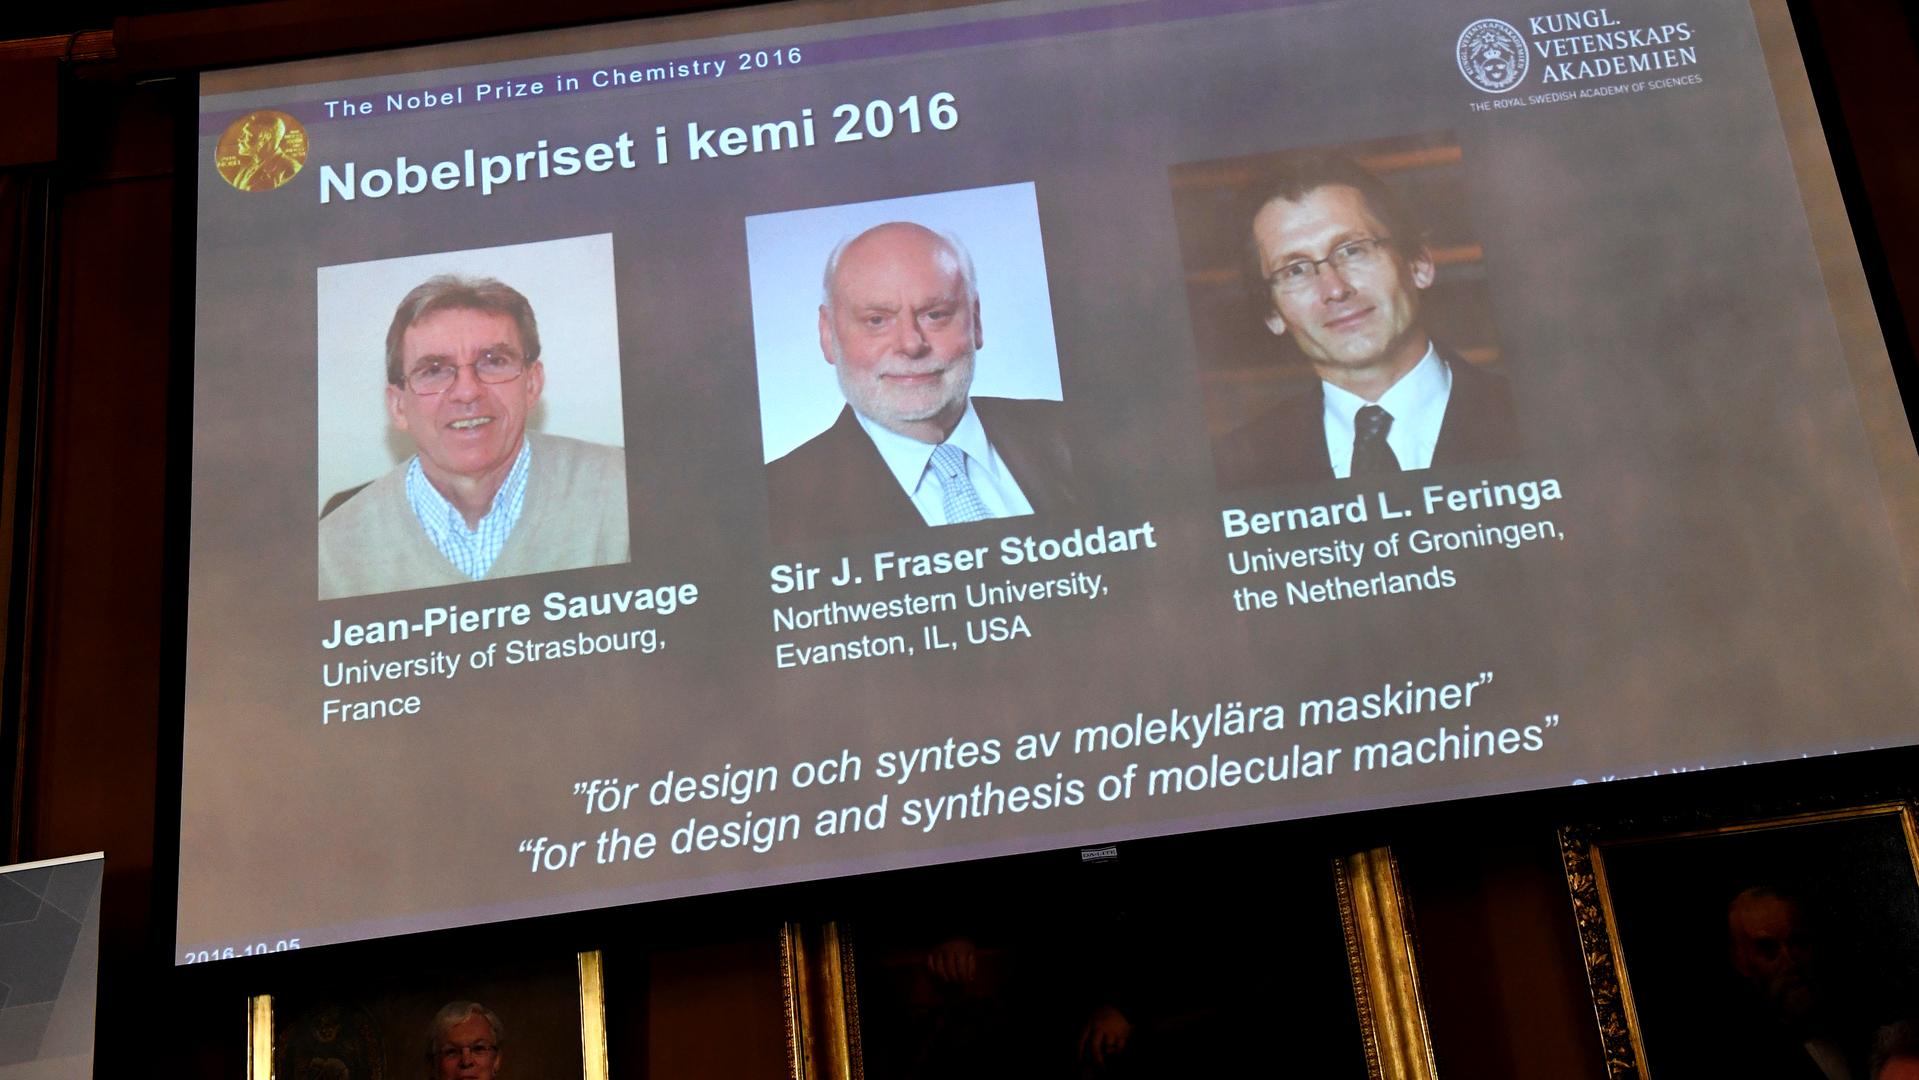 Награда за крошечный лифт: кому достался Нобель по химии